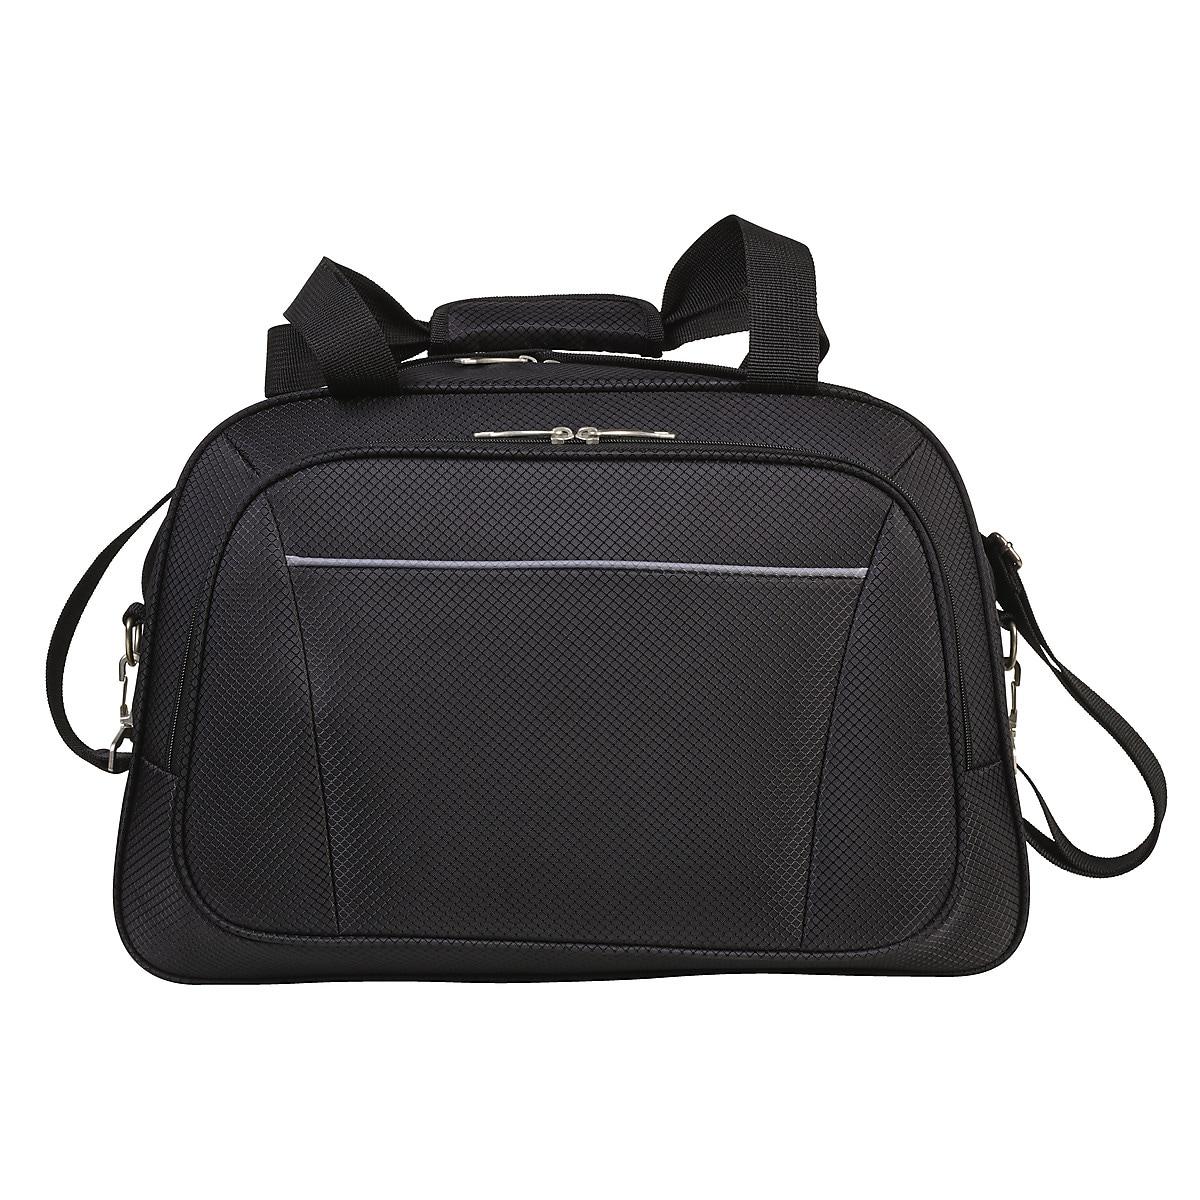 Väska Asaklitt